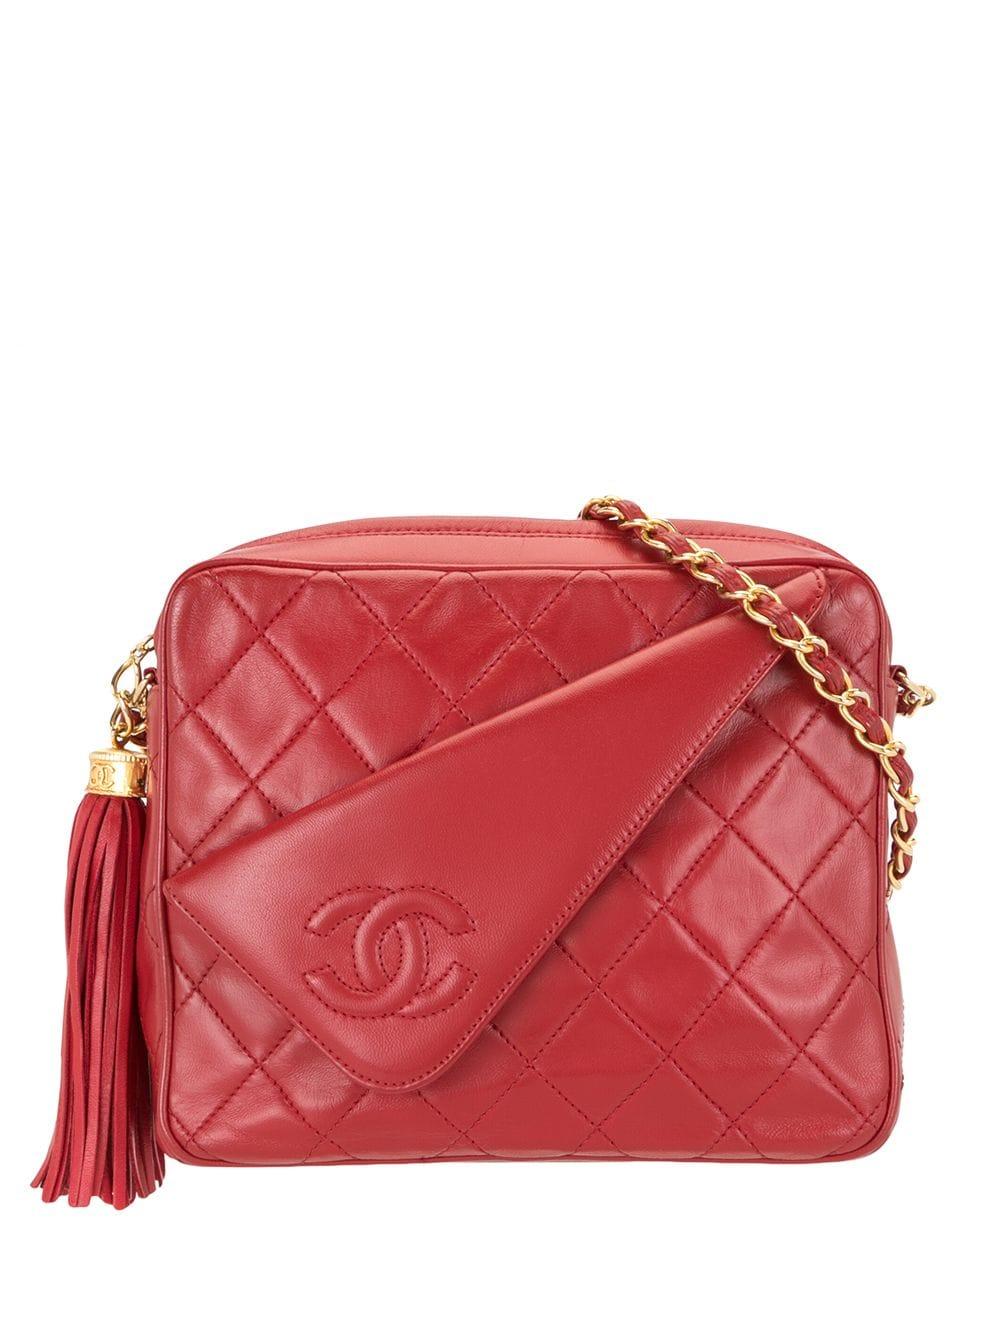 Chanel Pre-Owned 1985-1993 Umhängetasche mit Quaste - Rot